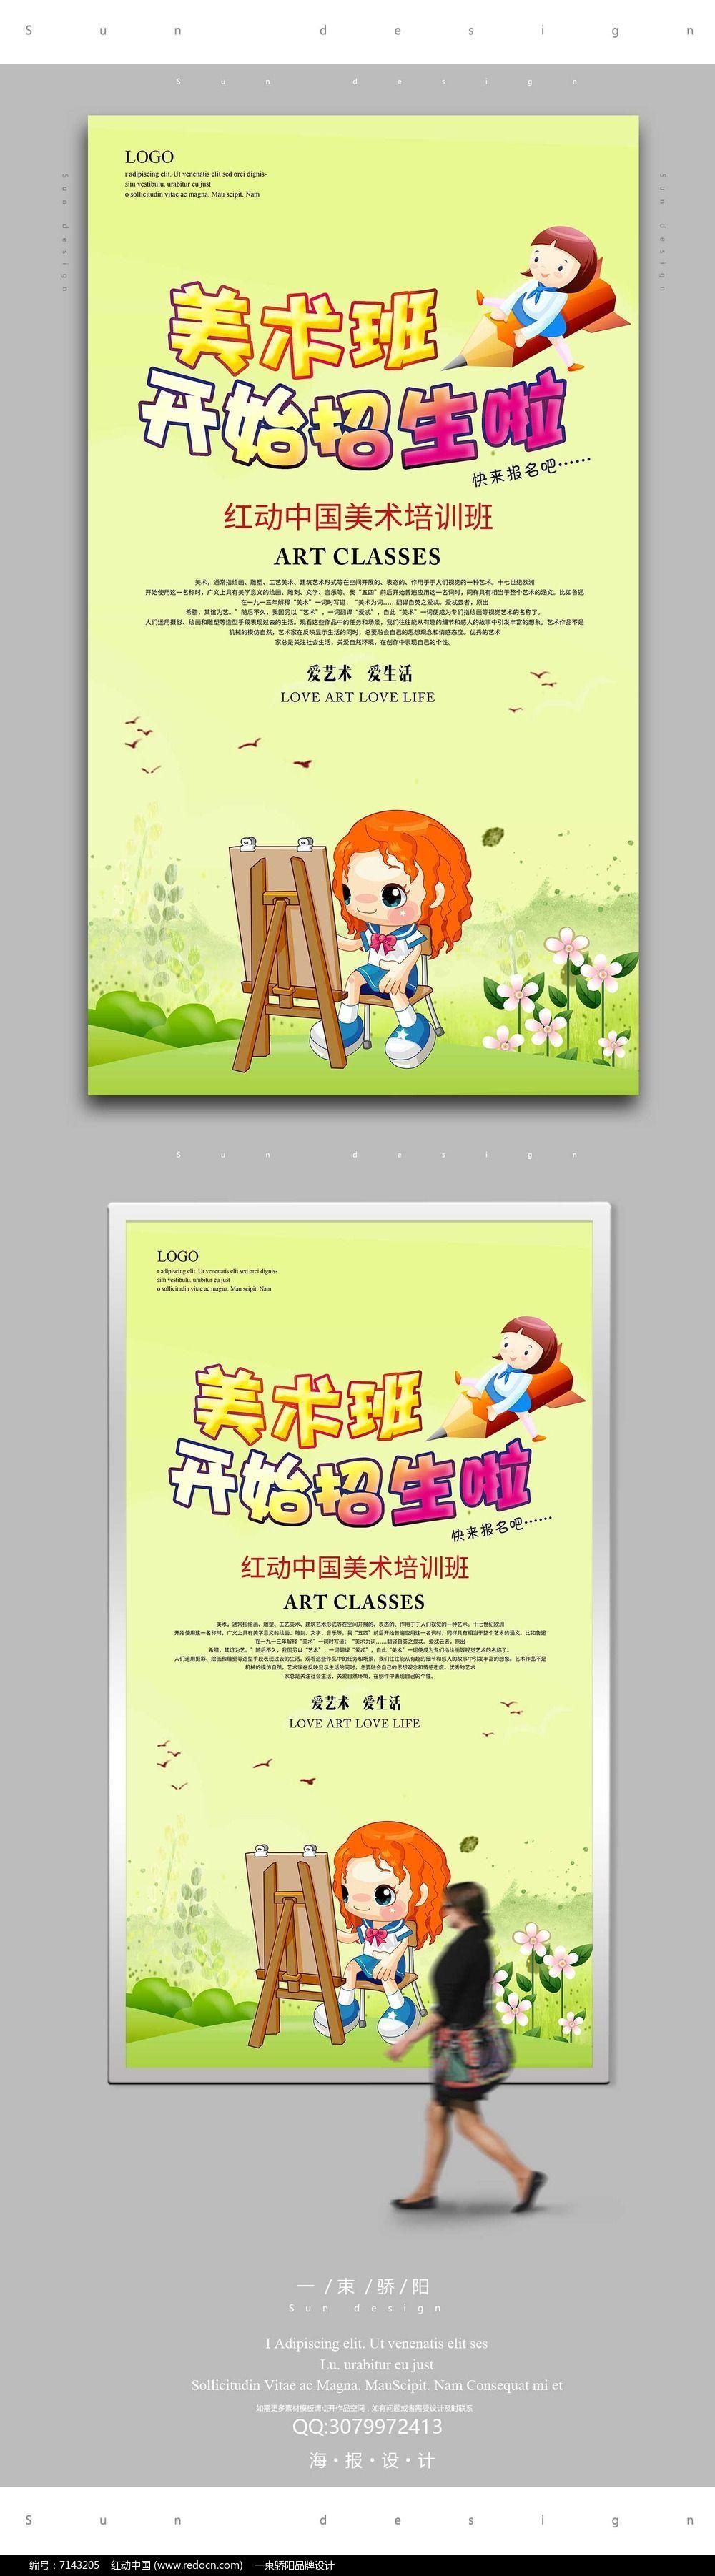 简约少儿美术班招生海报宣传设计图片